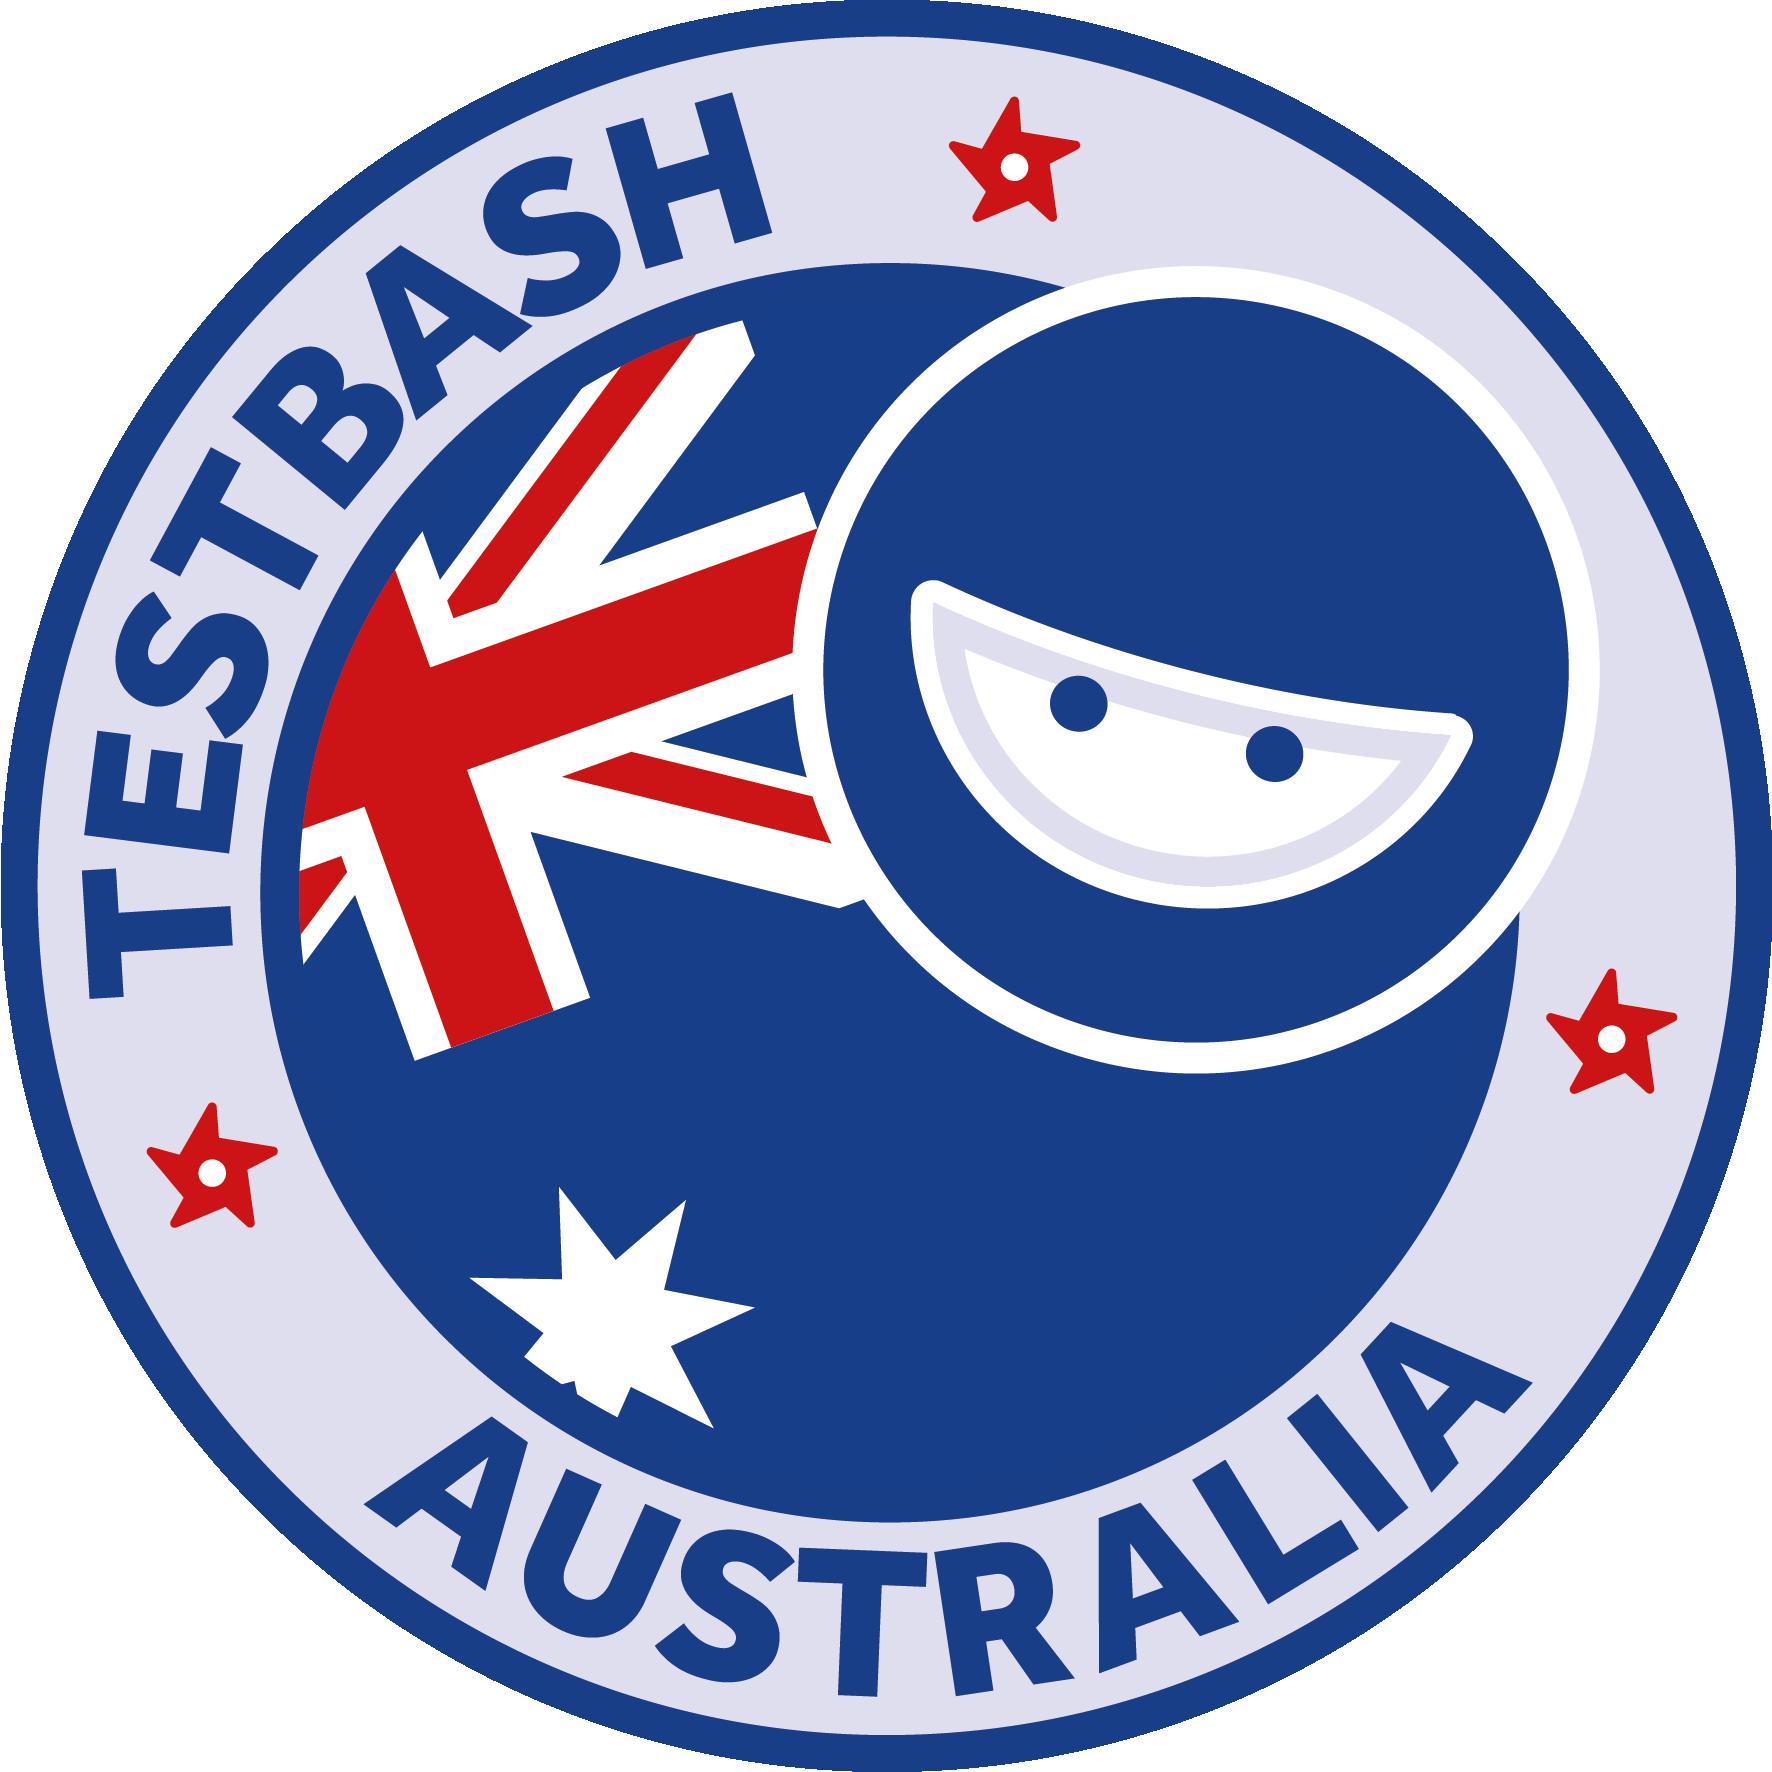 TestBash Australia logo